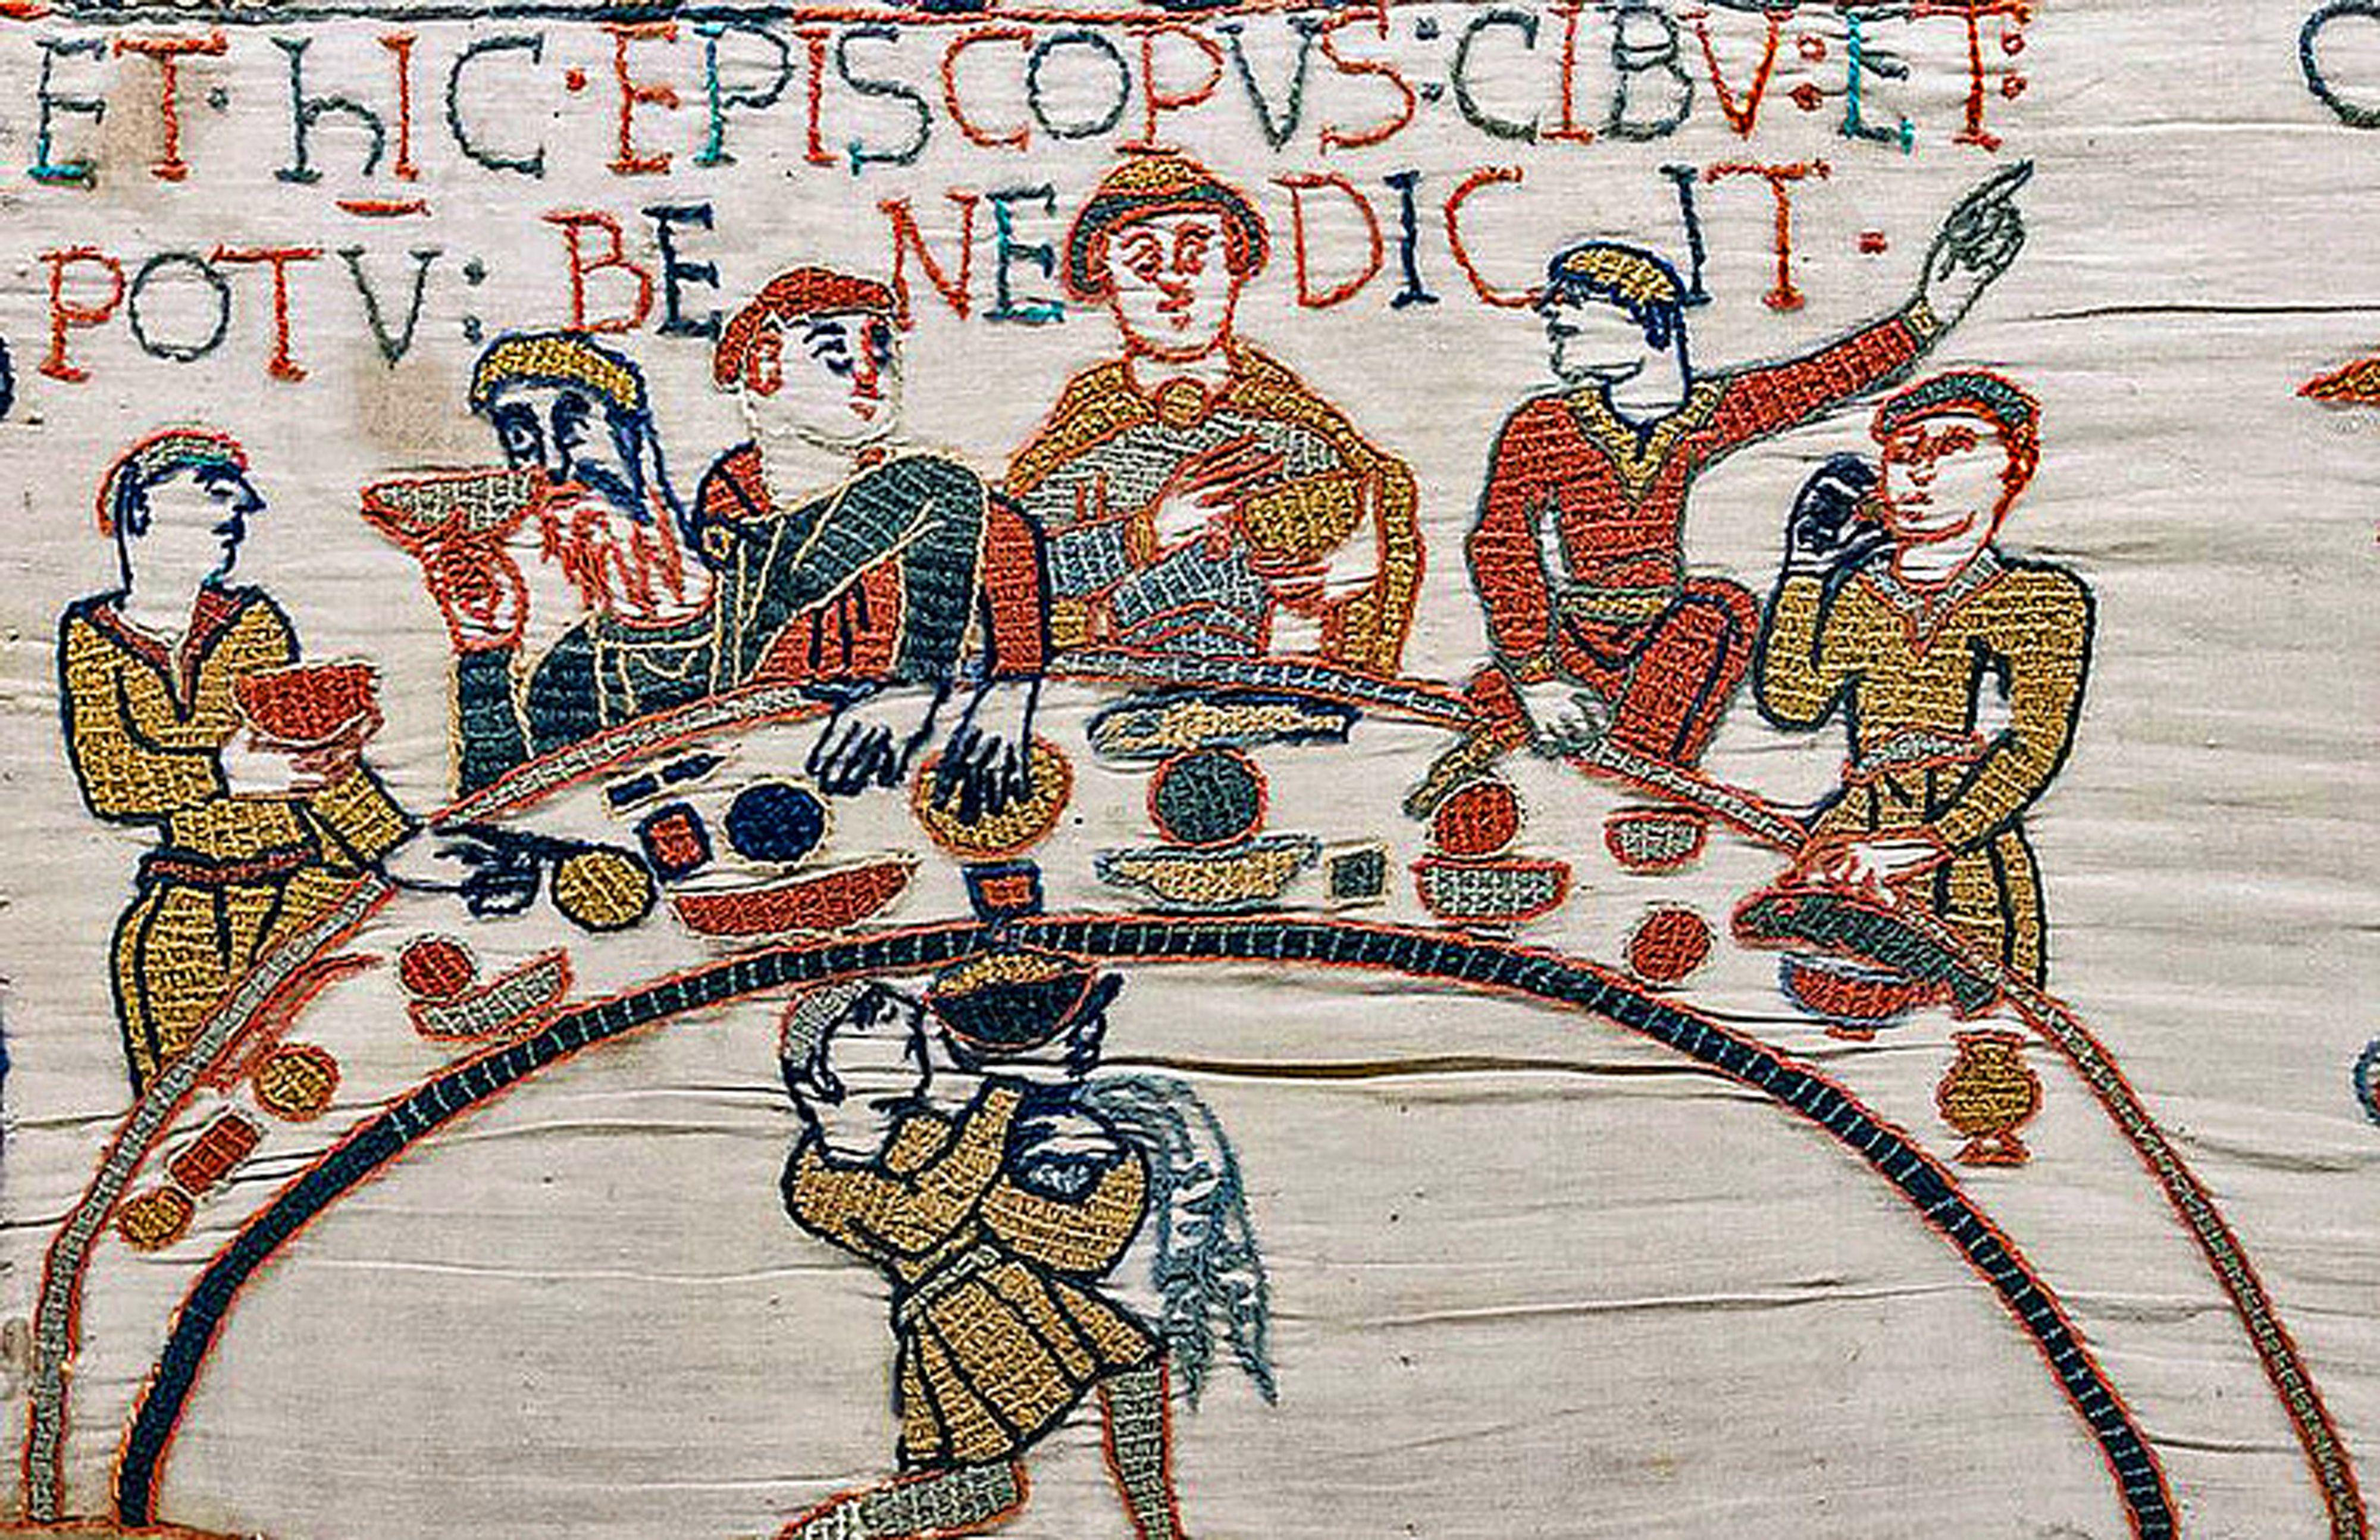 La tapisserie de Bayeux prêtée à l'Angleterre, un cadeau ironique ?